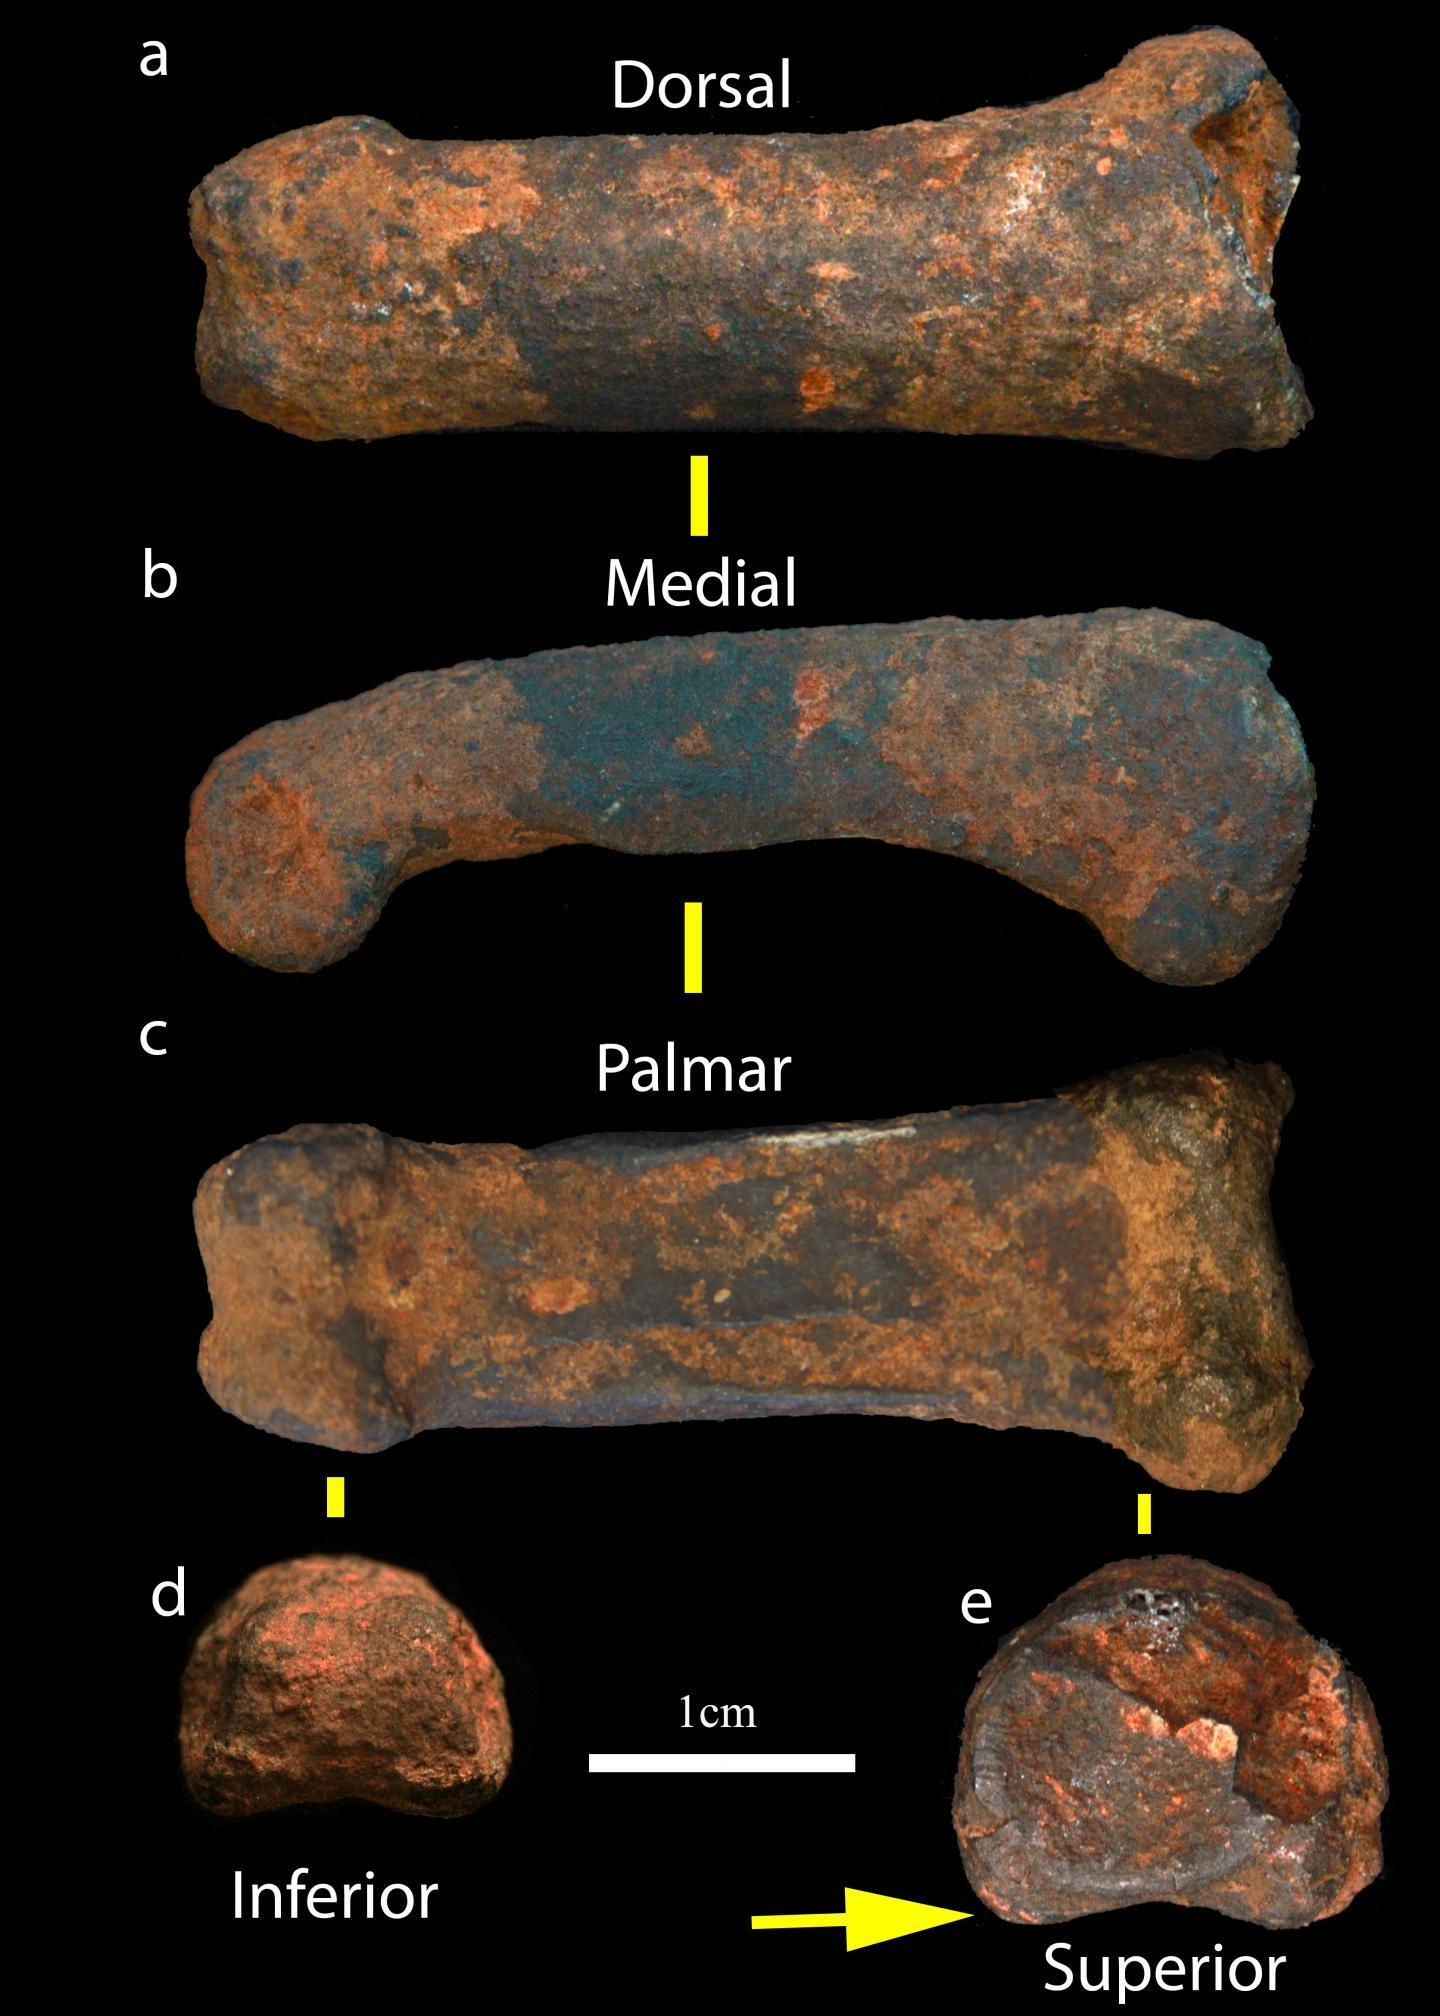 Sterkfontein Caves fossils